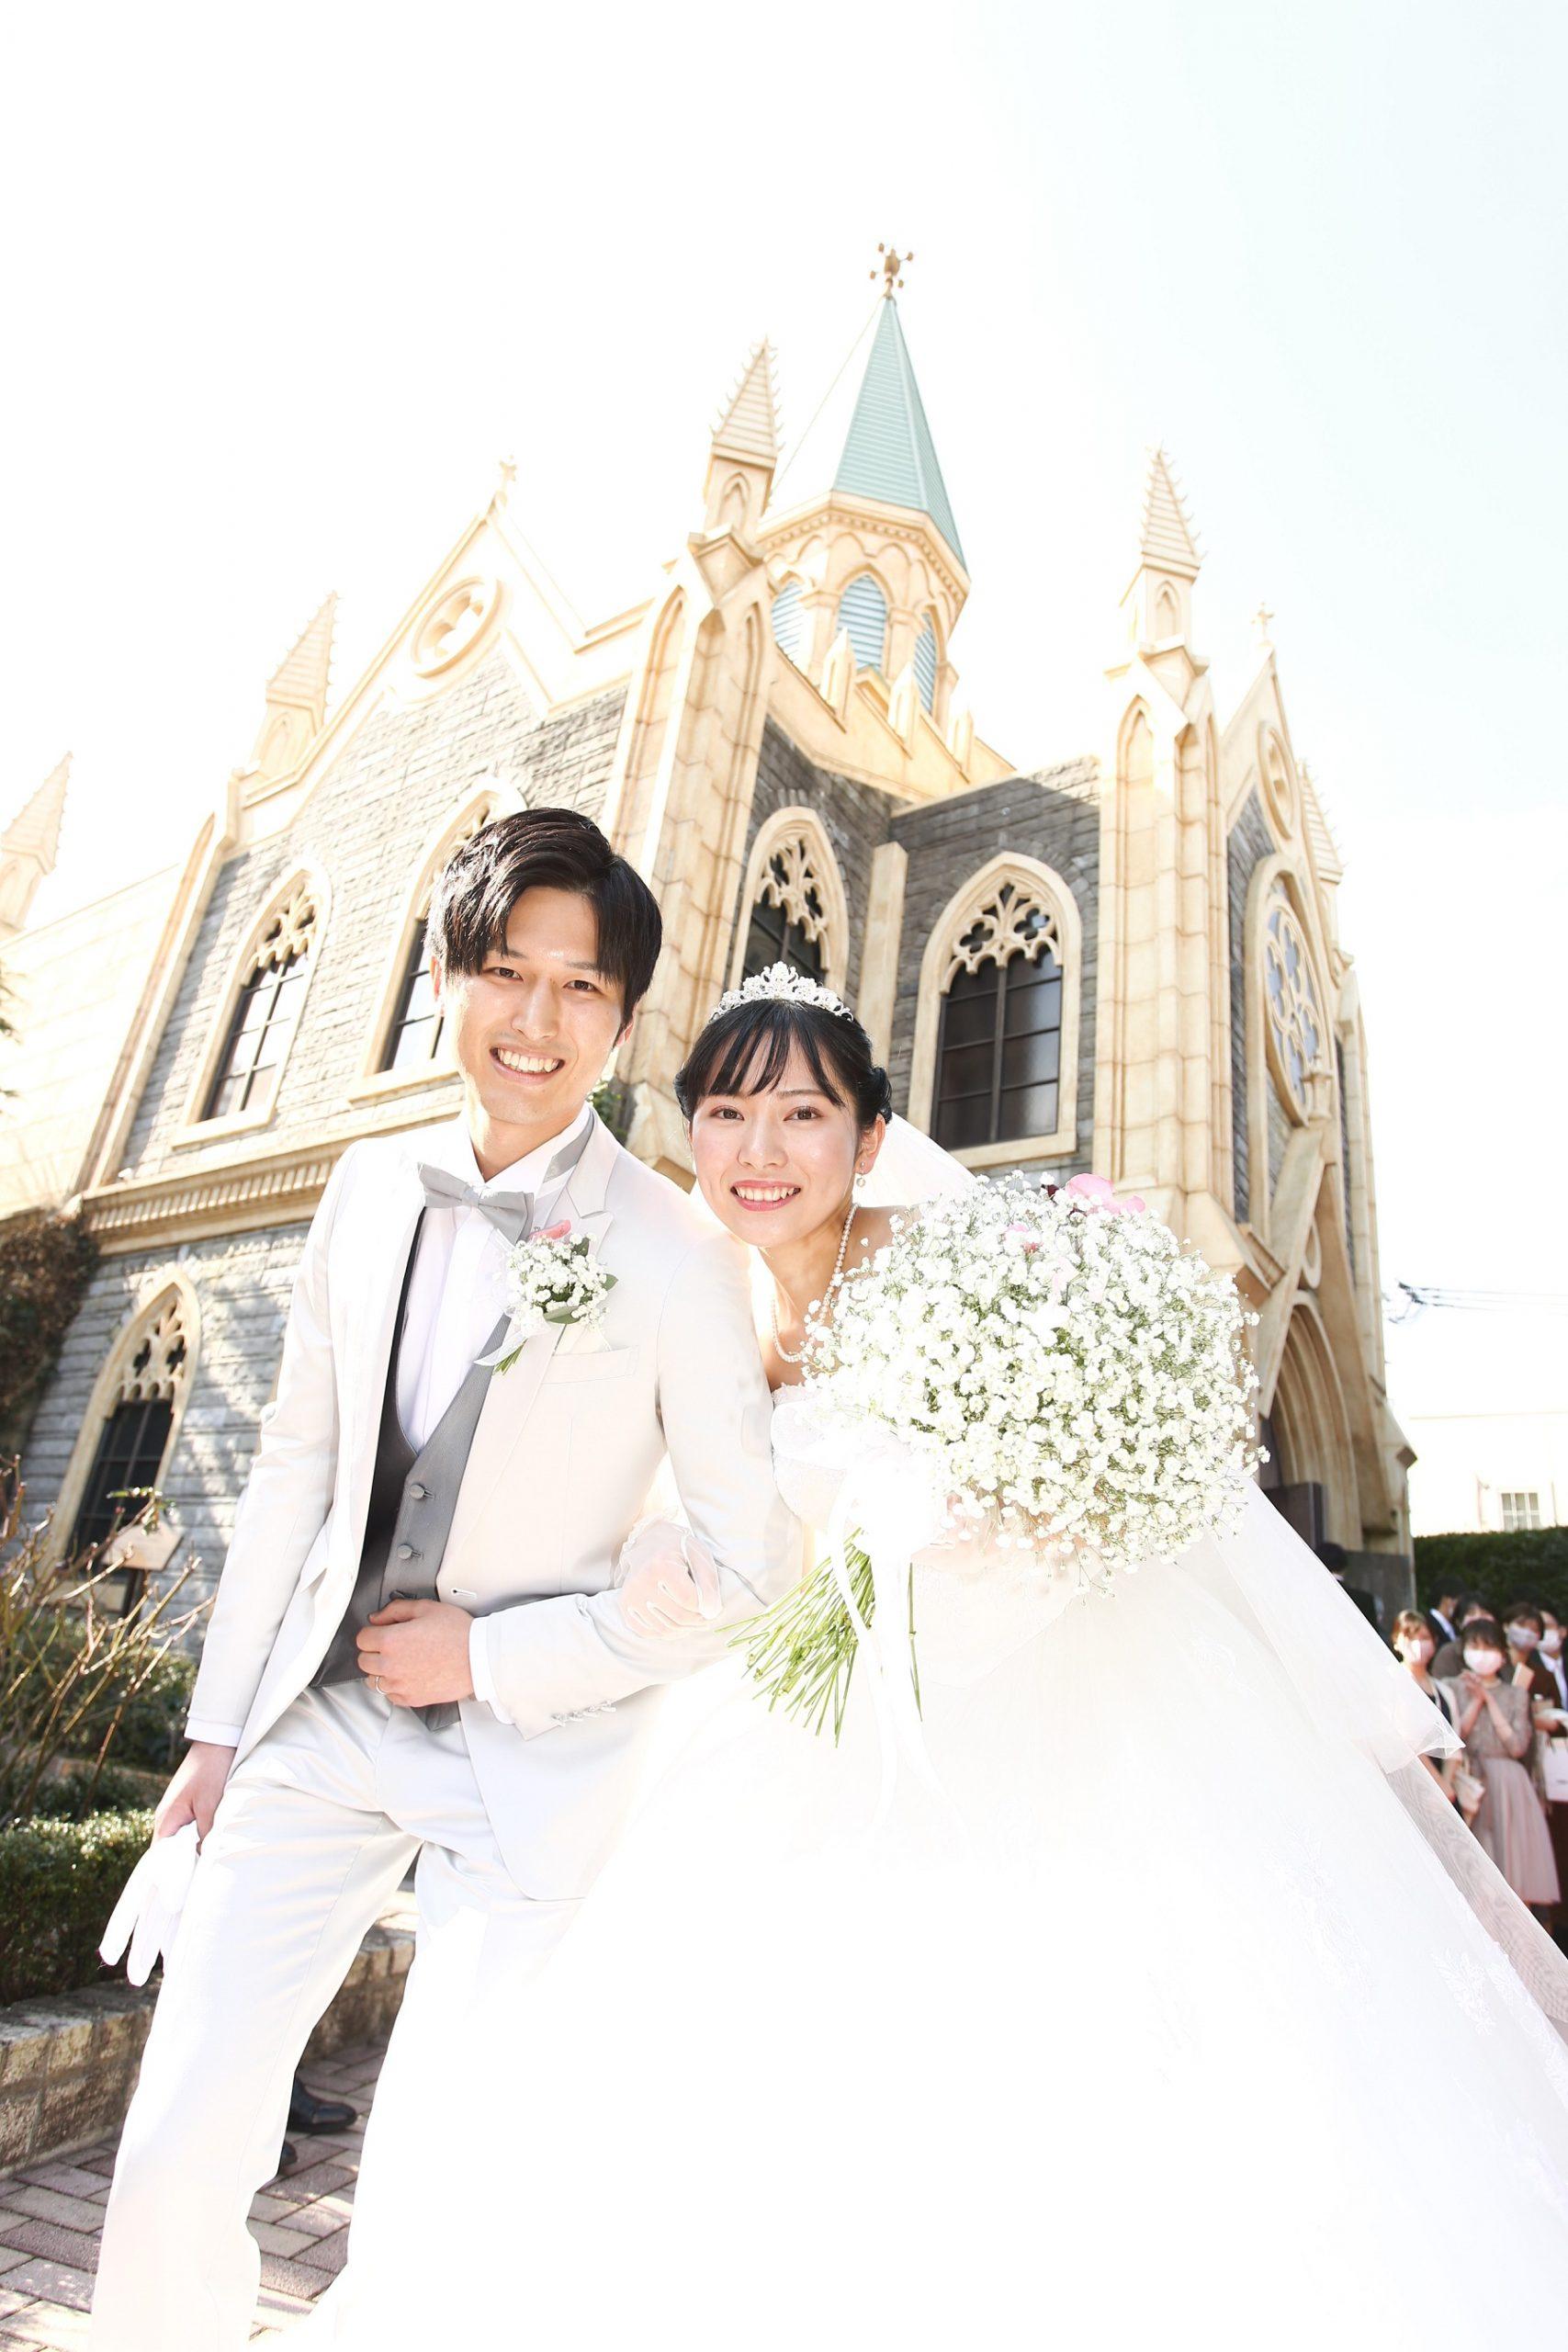 思い出いっぱいの結婚式